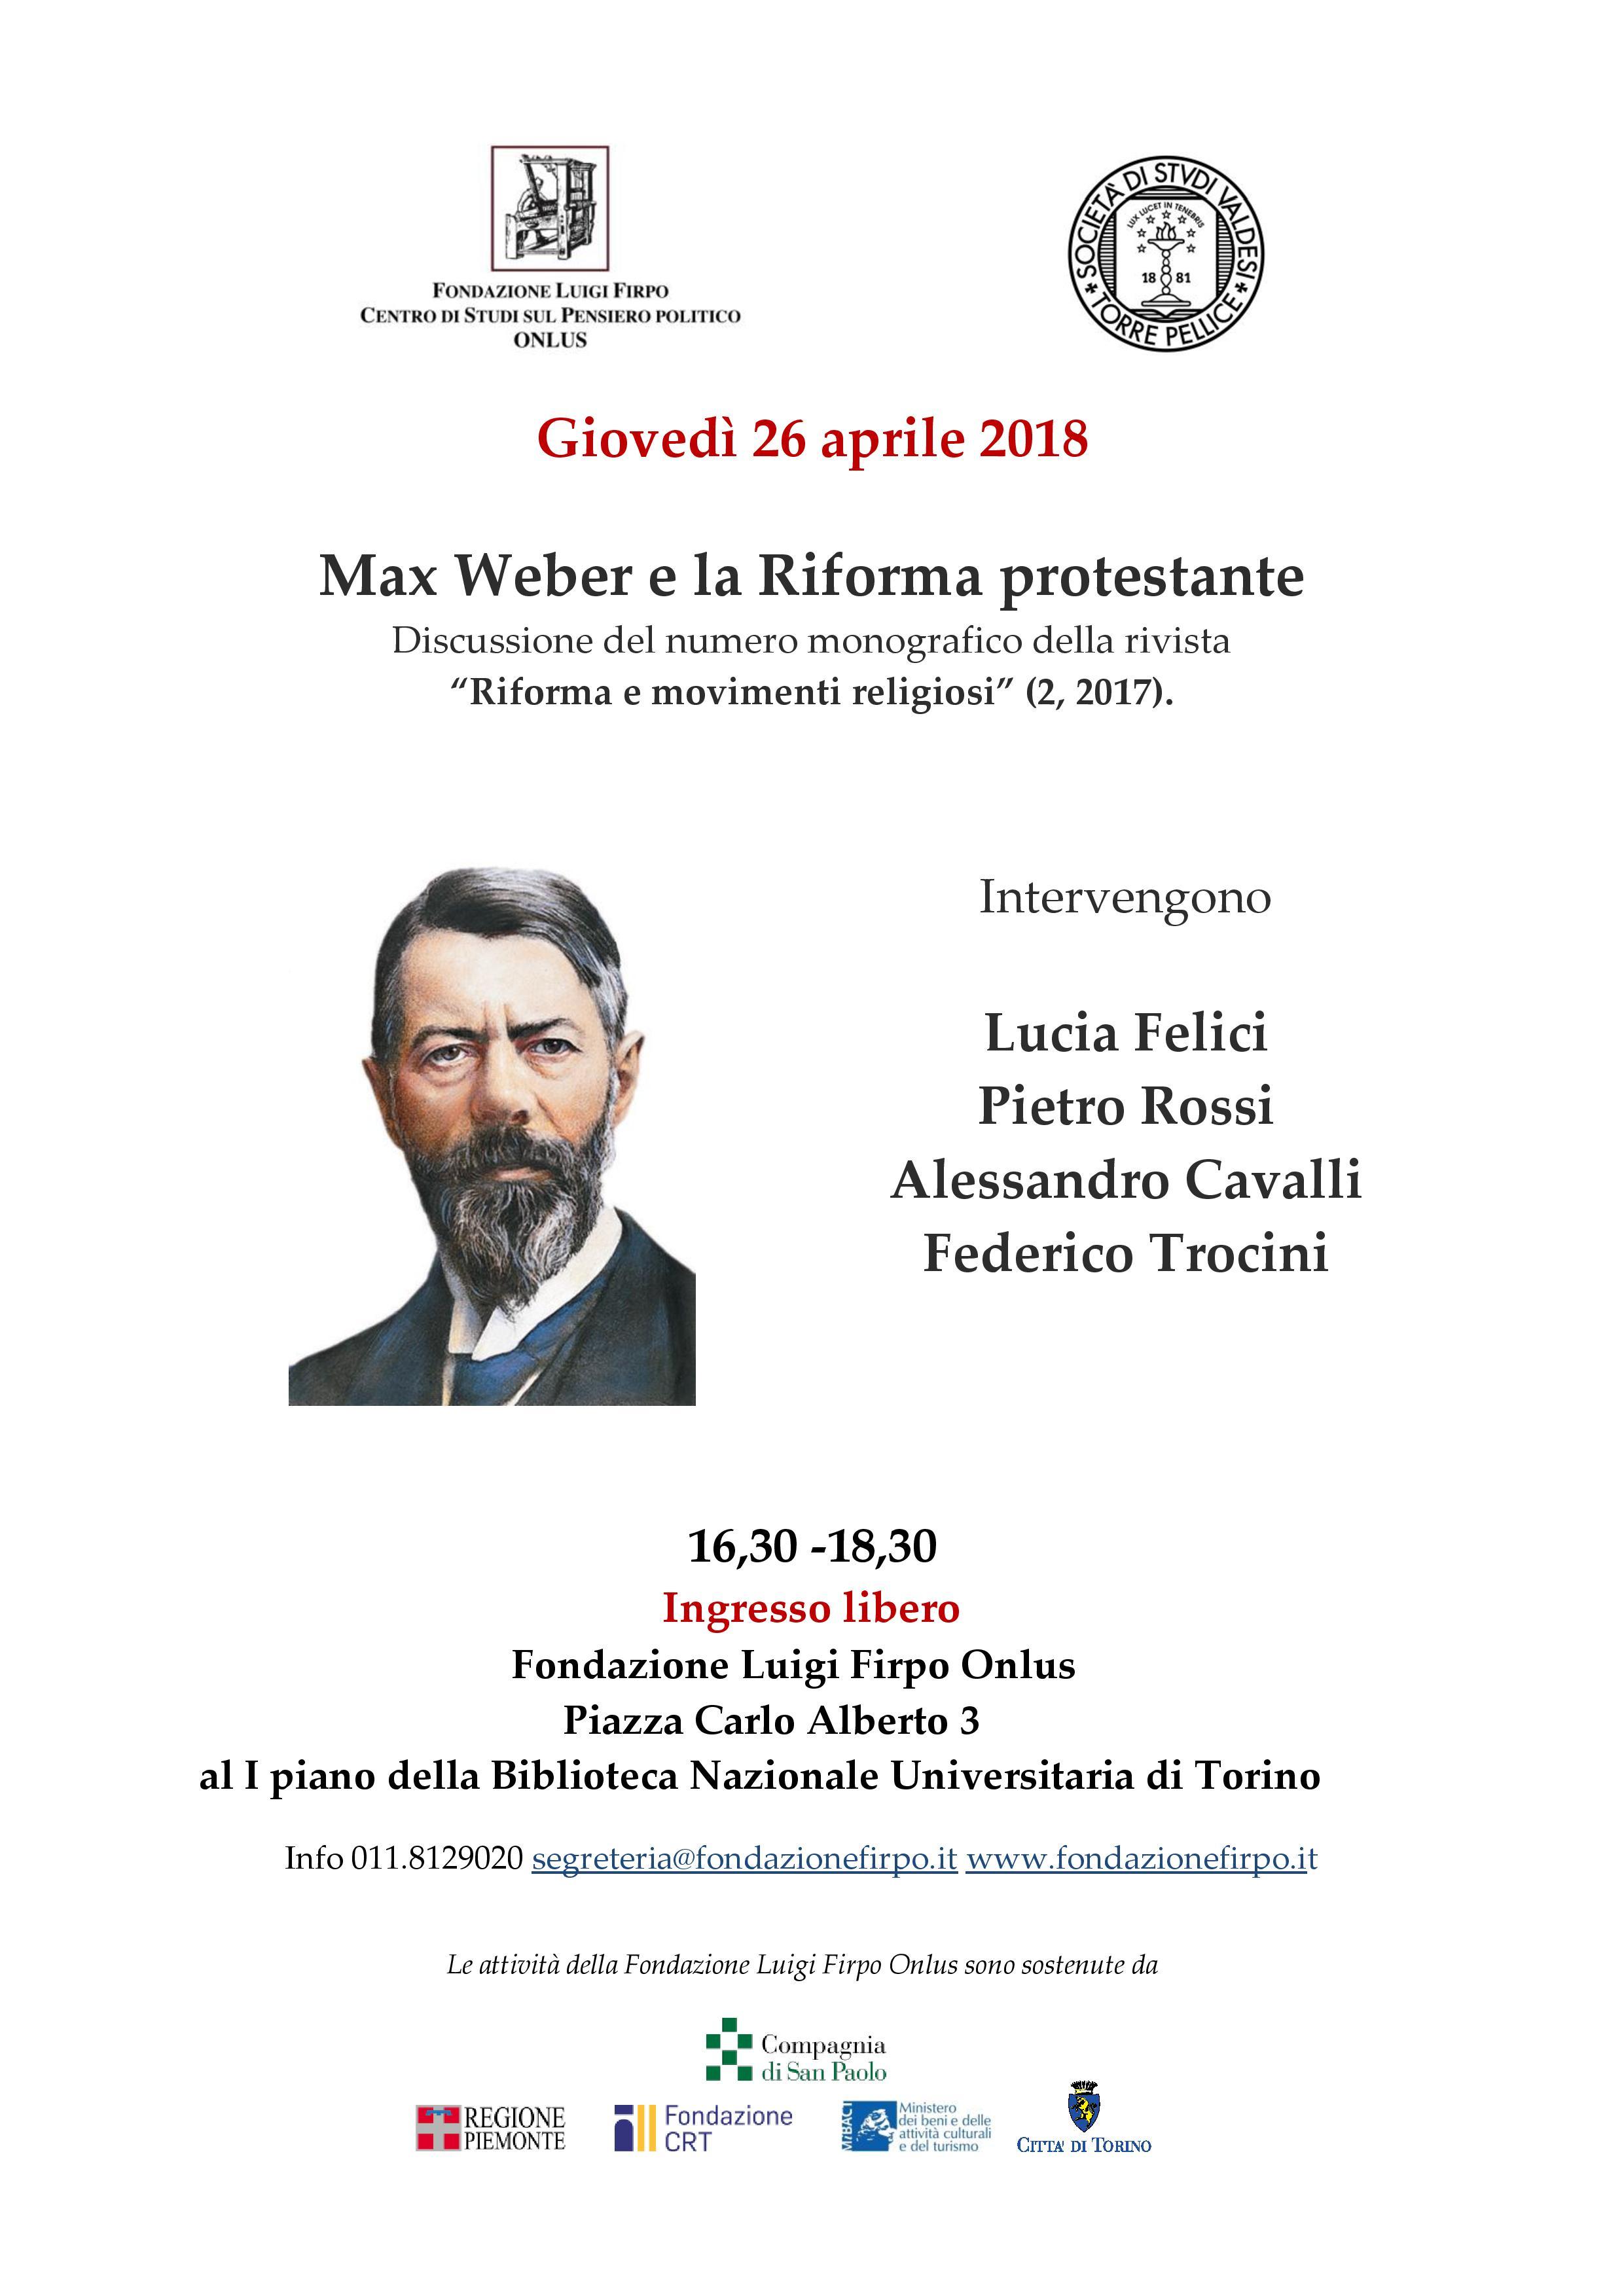 Max Weber e la Riforma protestante-page-001